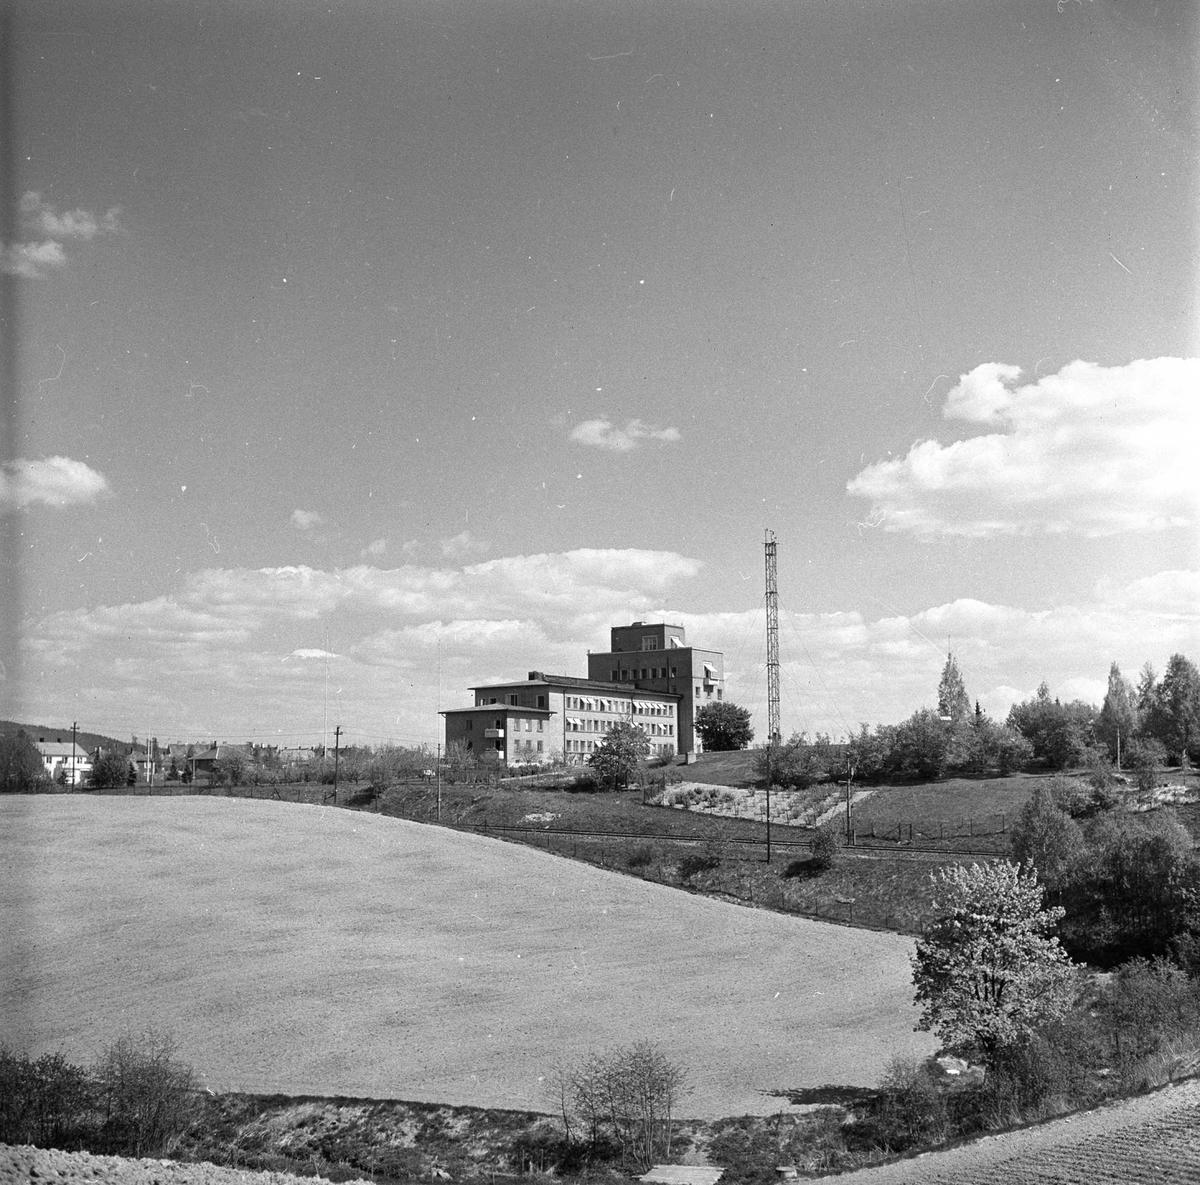 Blindern, Oslo, mai 1955. Meteorologisk institutt. Bygning.